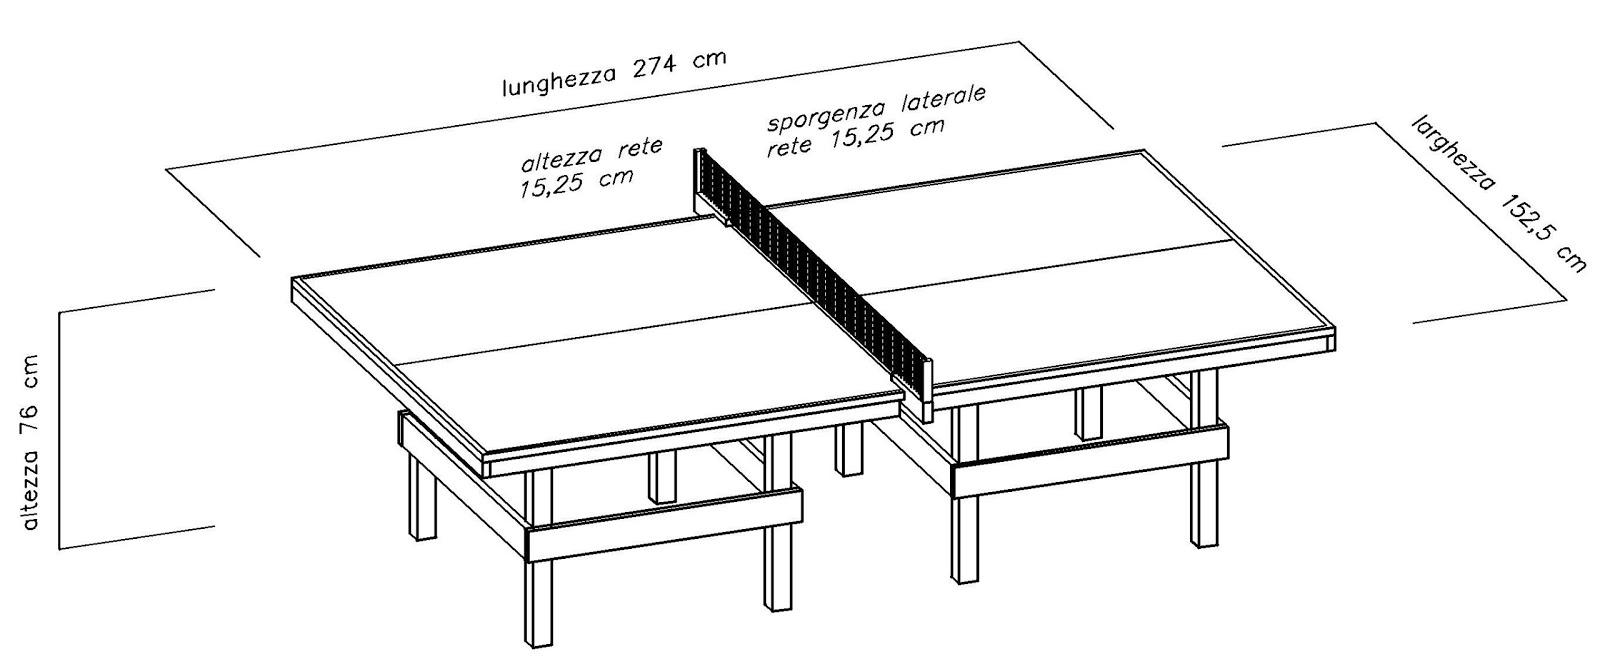 Costruire facile come costruire un tavolo da ping pong - Misure tavolo da ping pong professionale ...